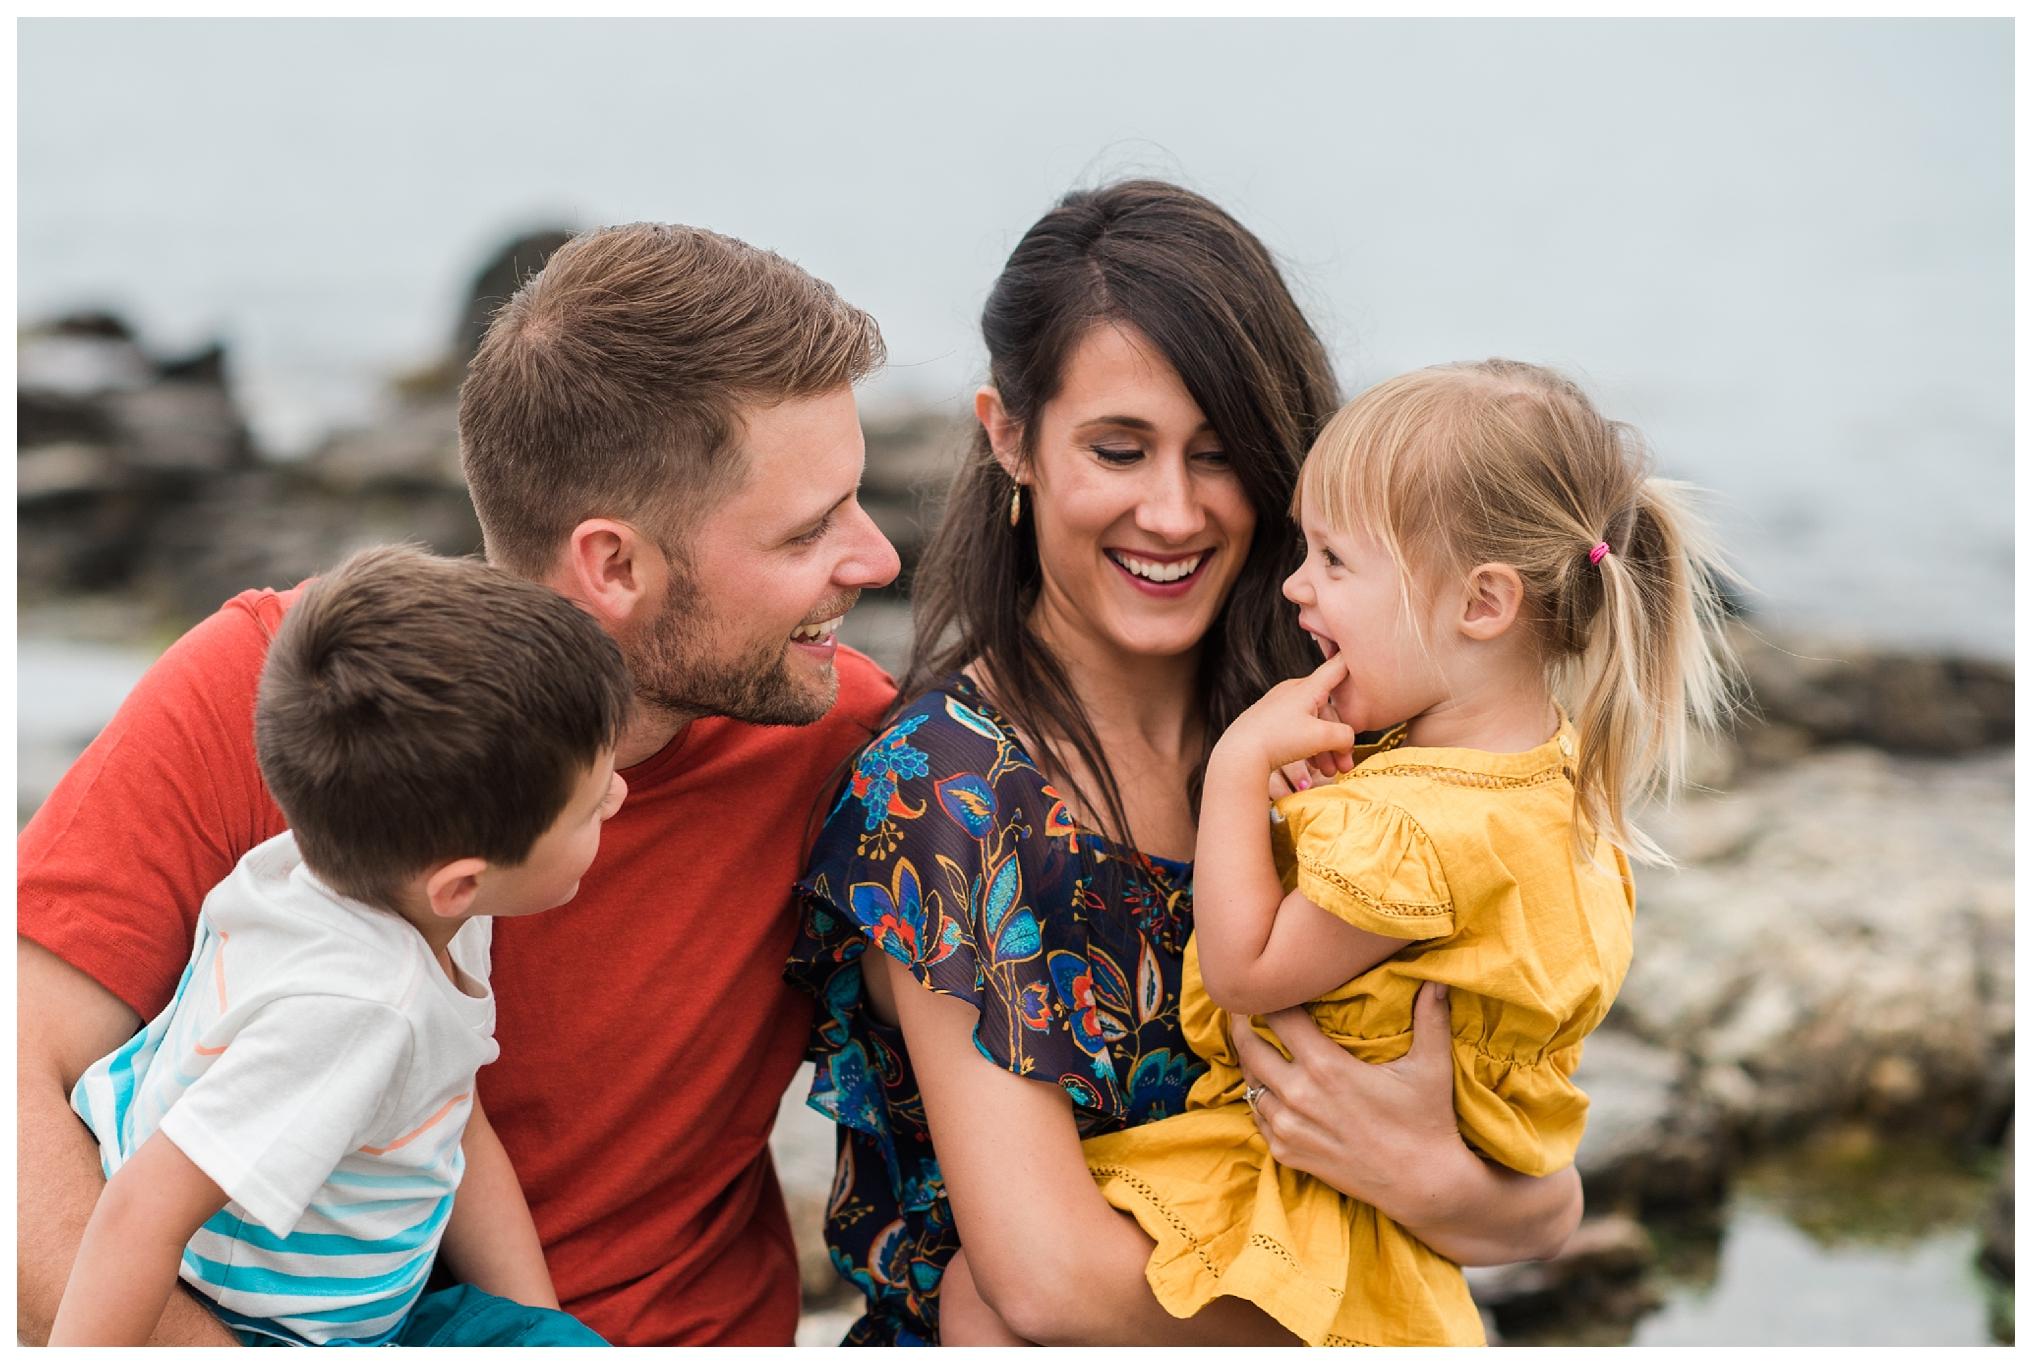 Family-Photographer-Sweet-Light-Portraits57.jpg